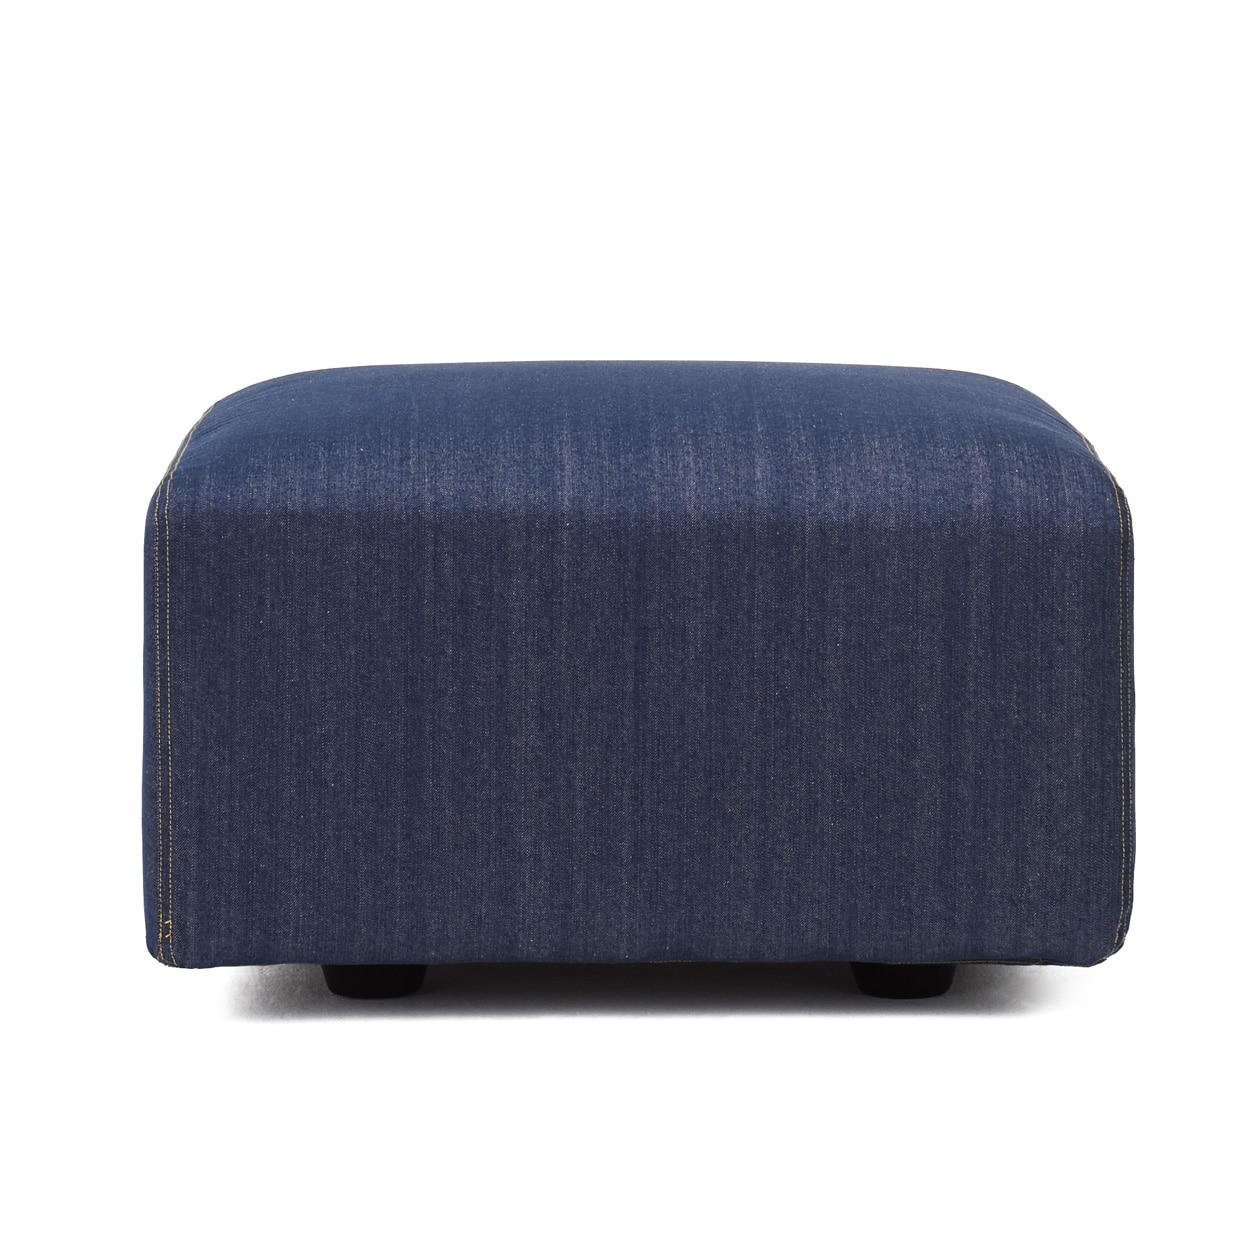 綿デニムユニットソファオットマン小用カバー/ブルー ブルー